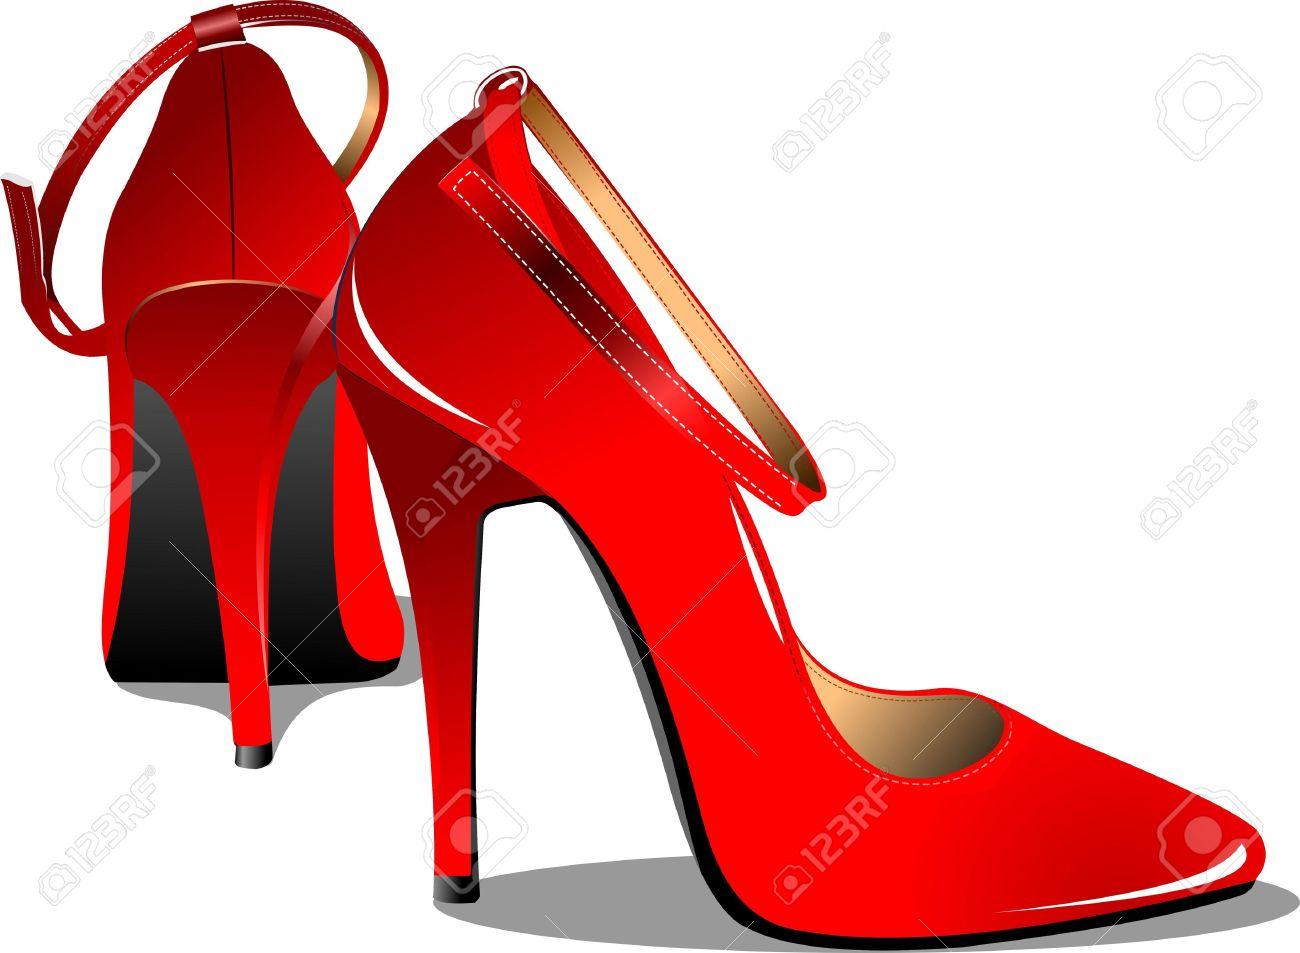 Heels clipart pair heel. High free download best